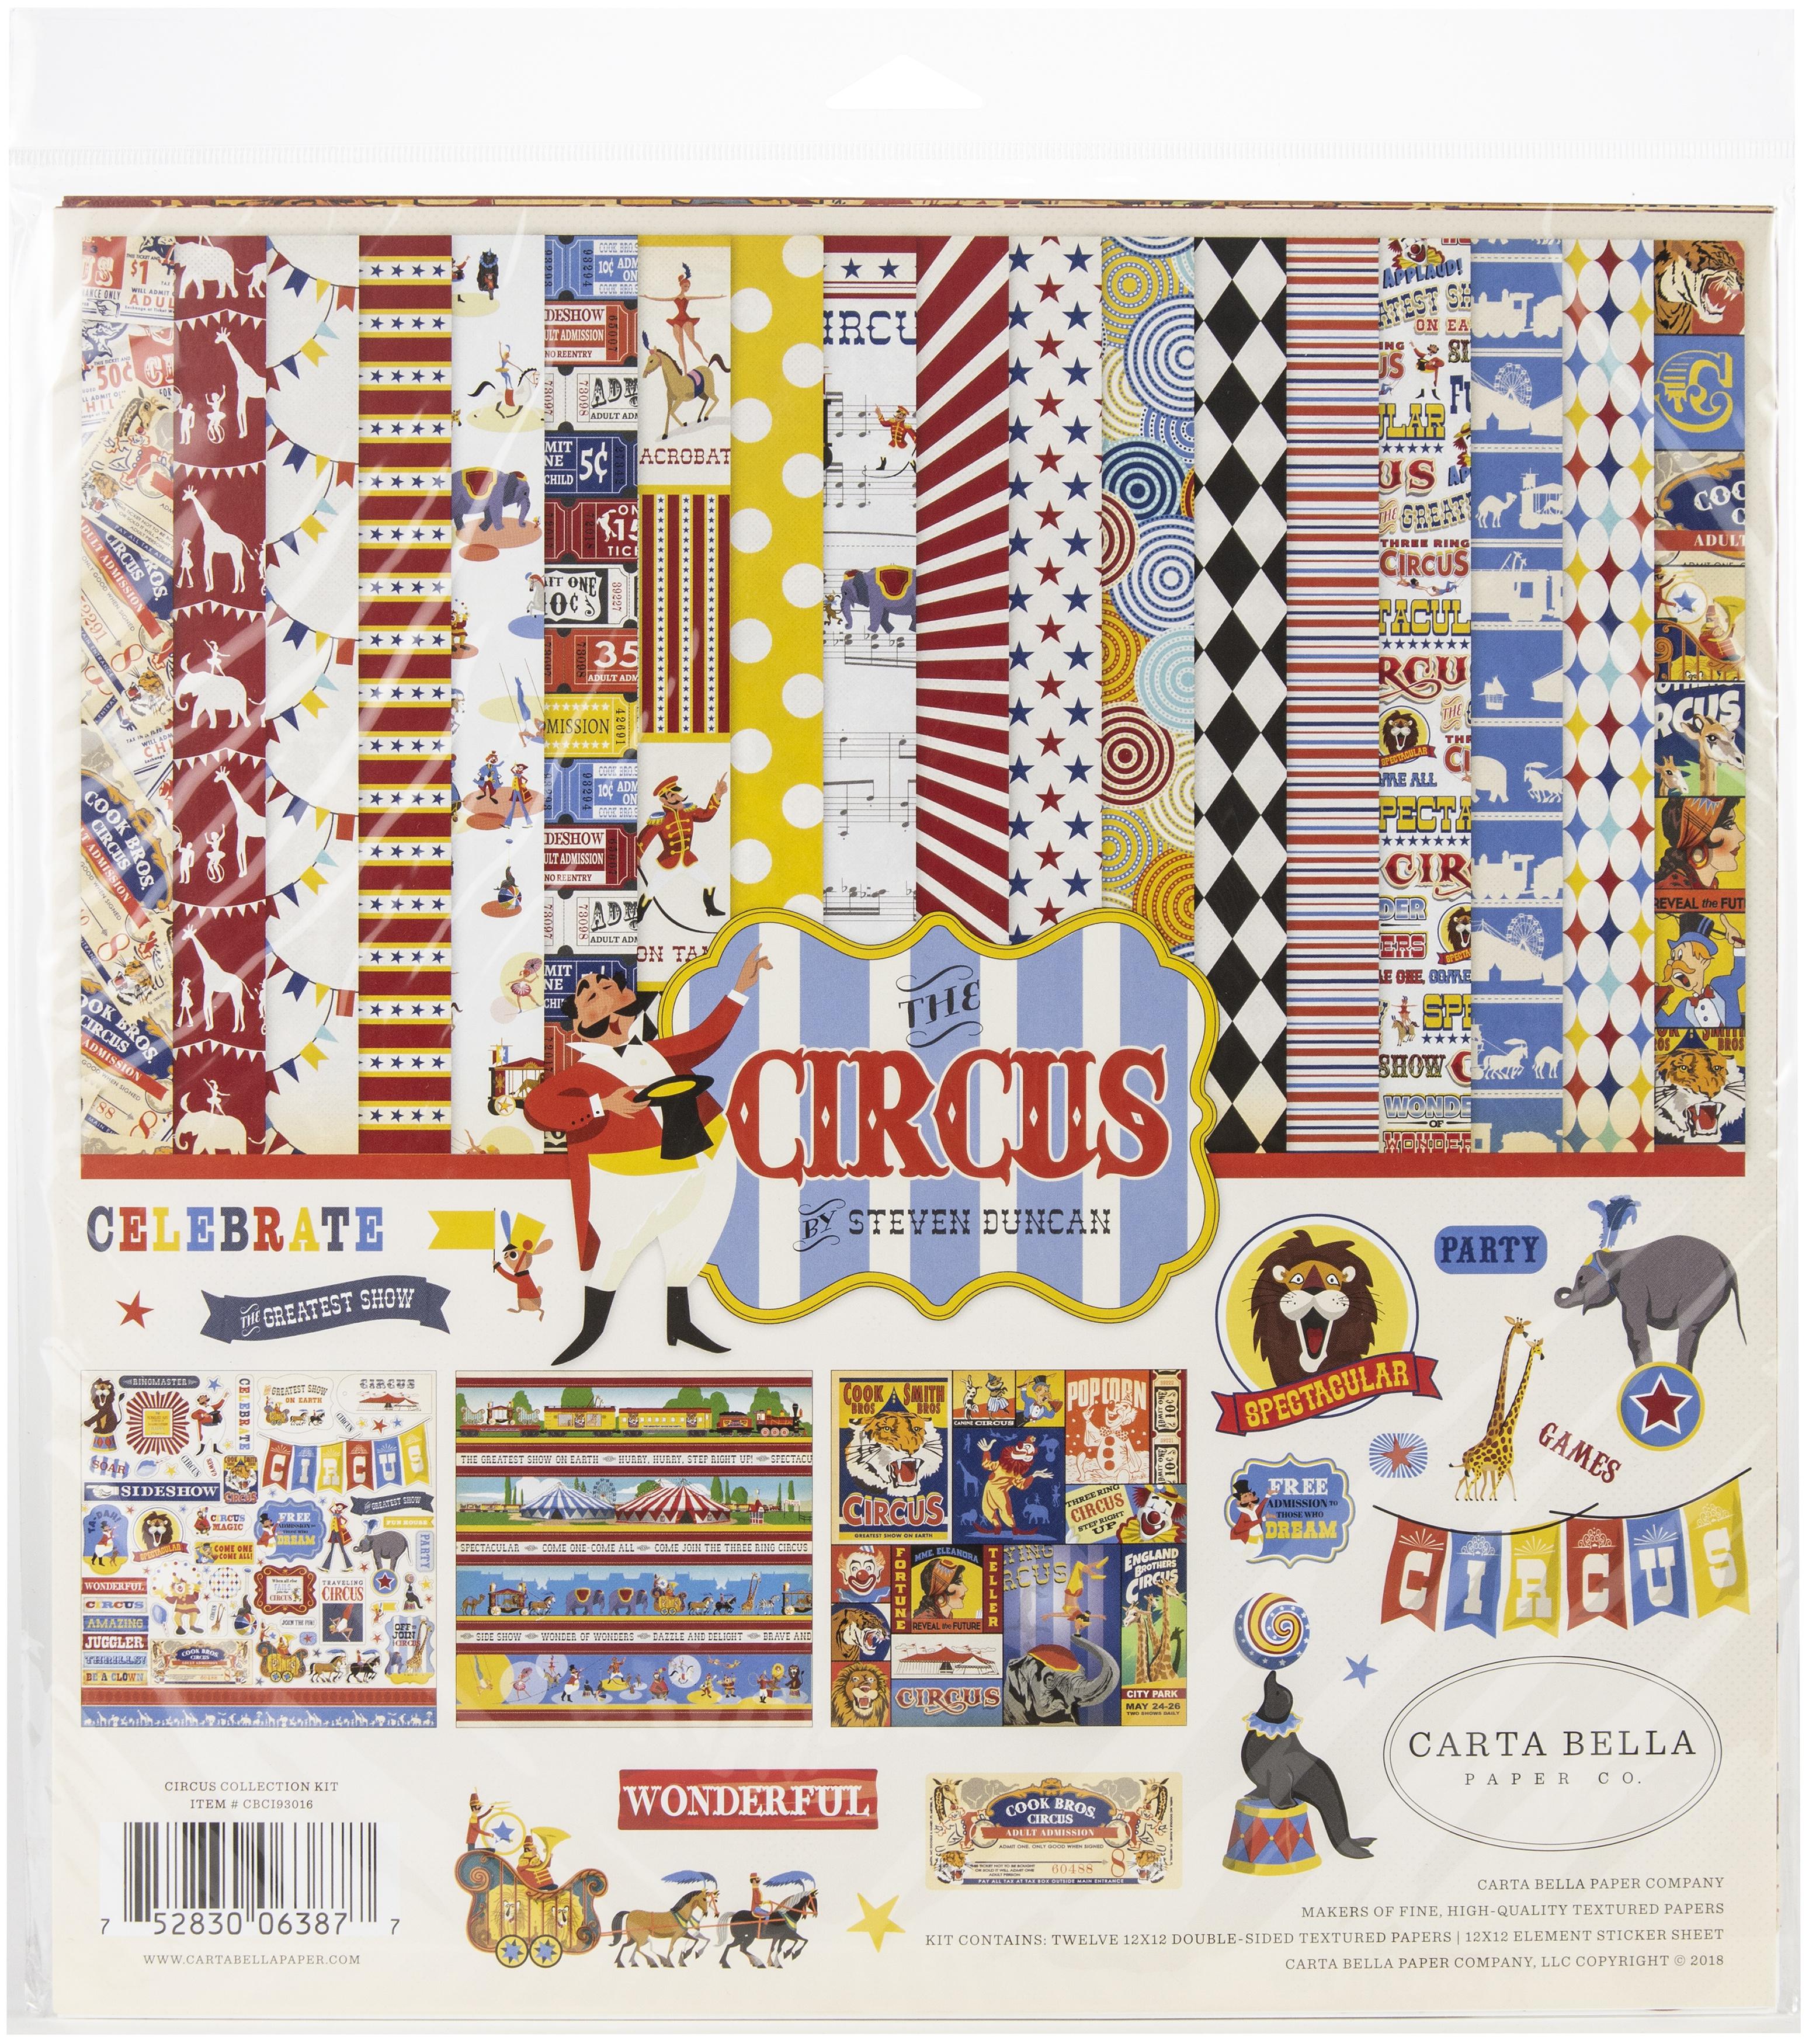 Carta Bella - Circus - 12x12 Collection Kit